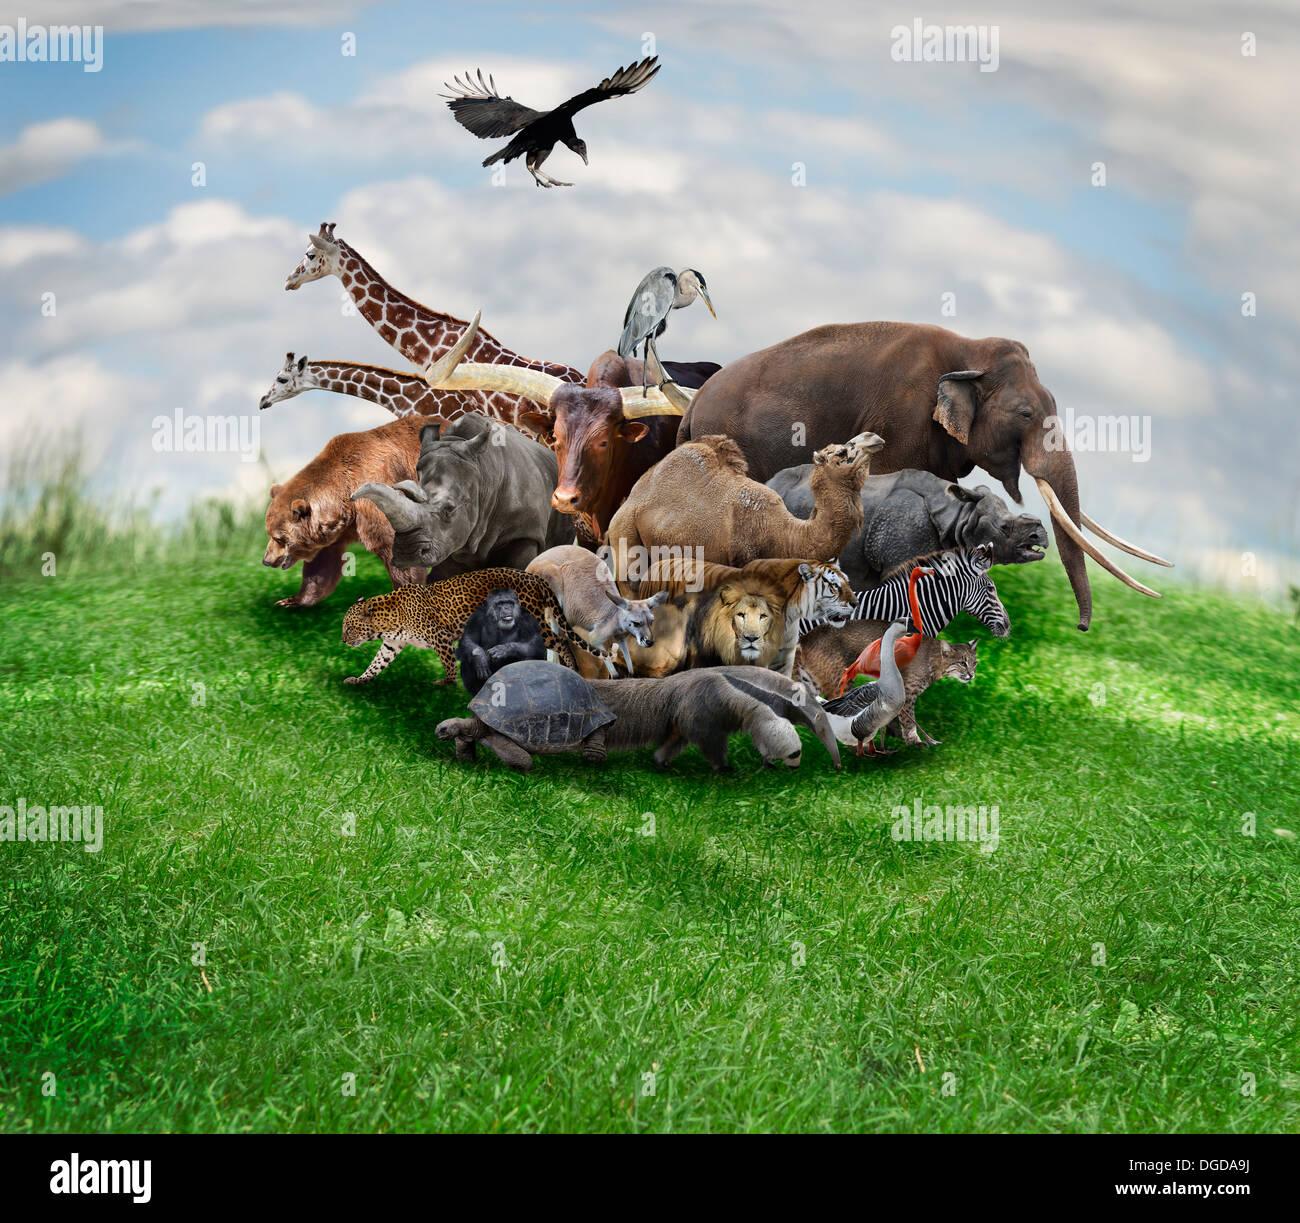 Wild Animals And Birds Collage